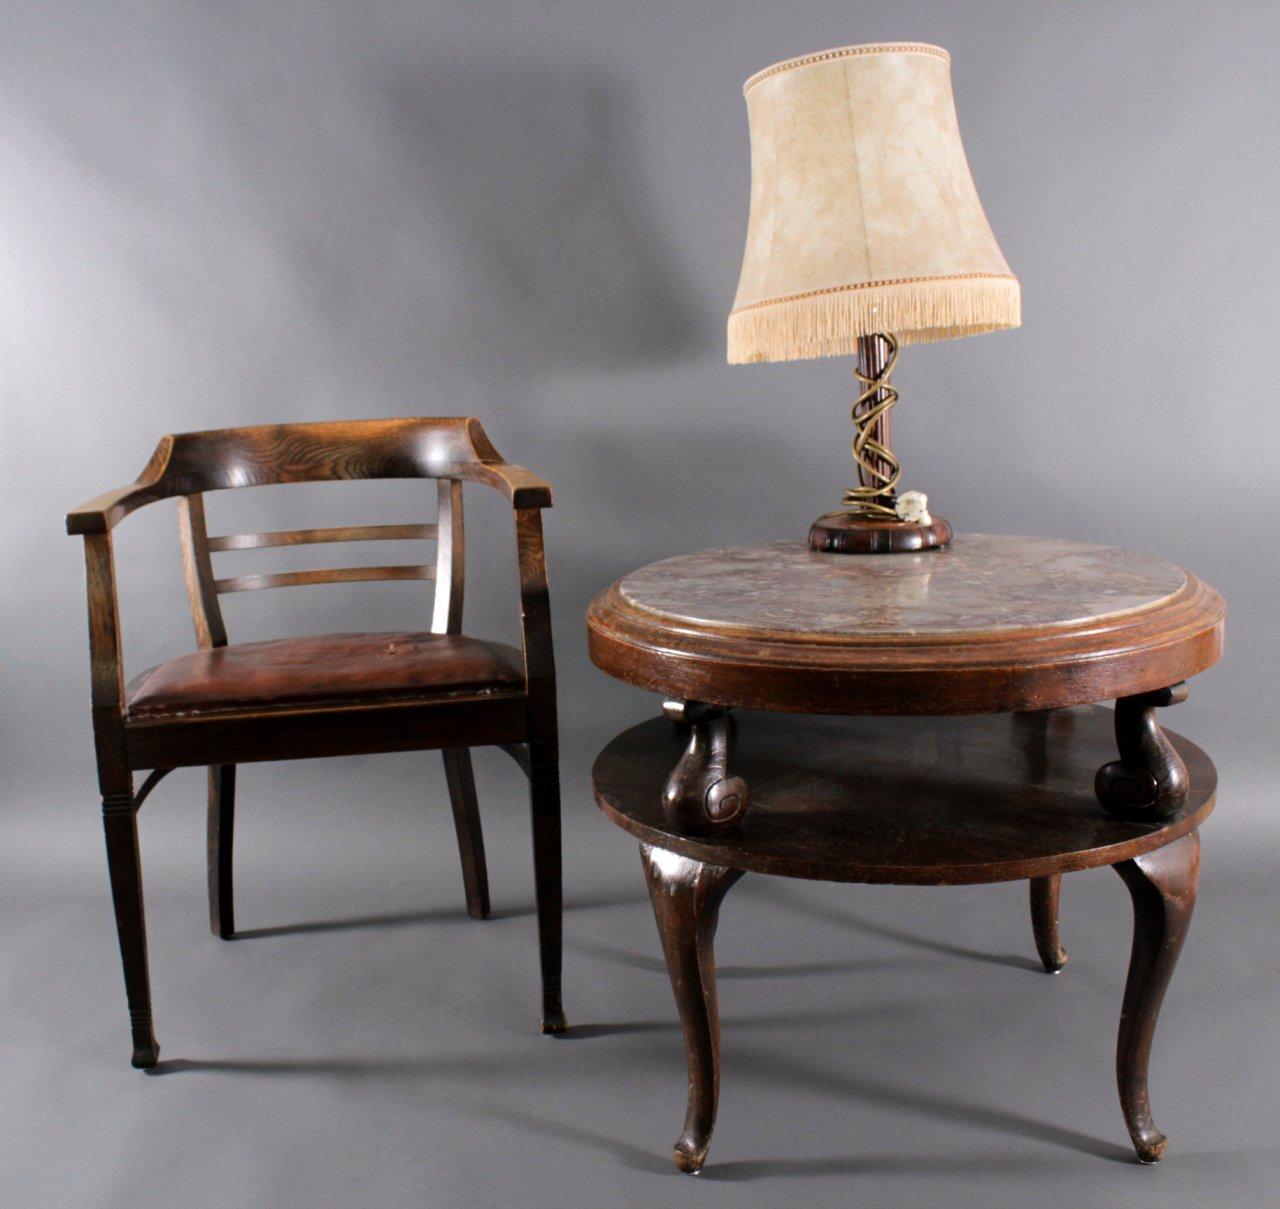 Tisch und Lampe, 30er Jahre